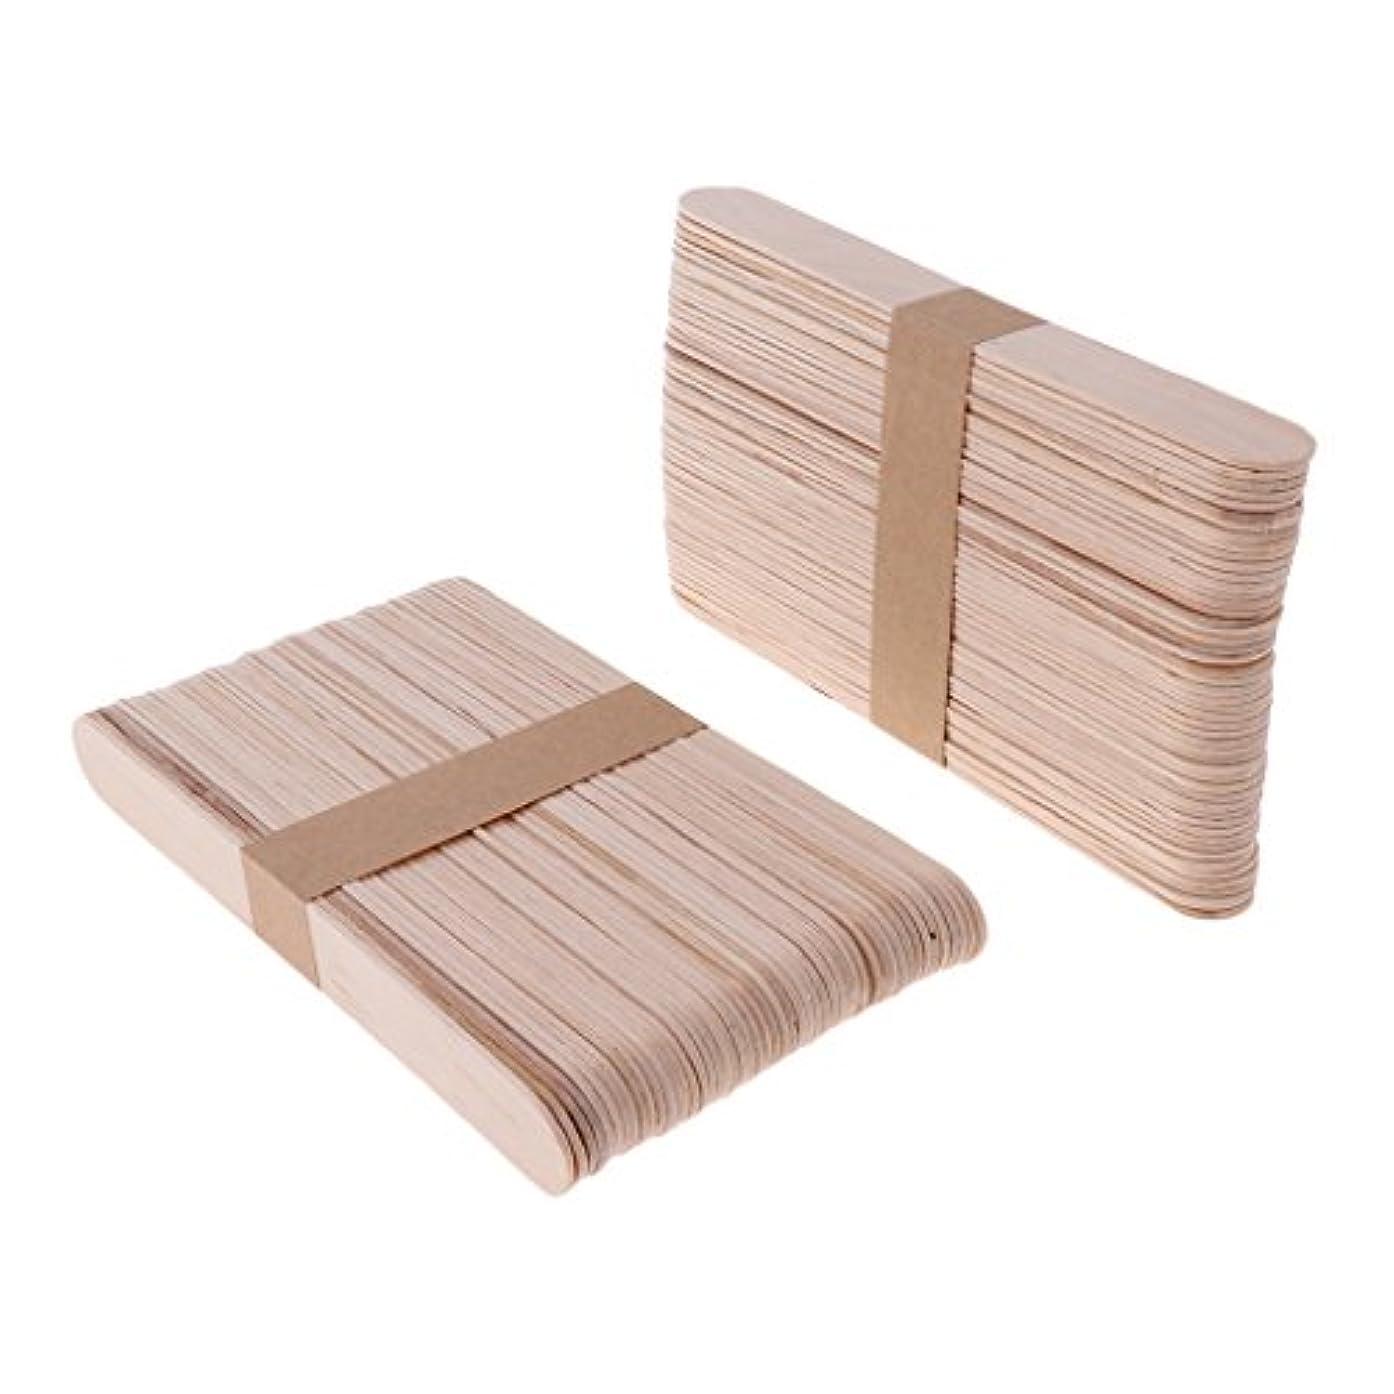 通信する出席するきしむ木材スティック 脱毛 ワックス用 体毛除去 ウッド ワックススパチュラ 便利 200個 2サイズ - L